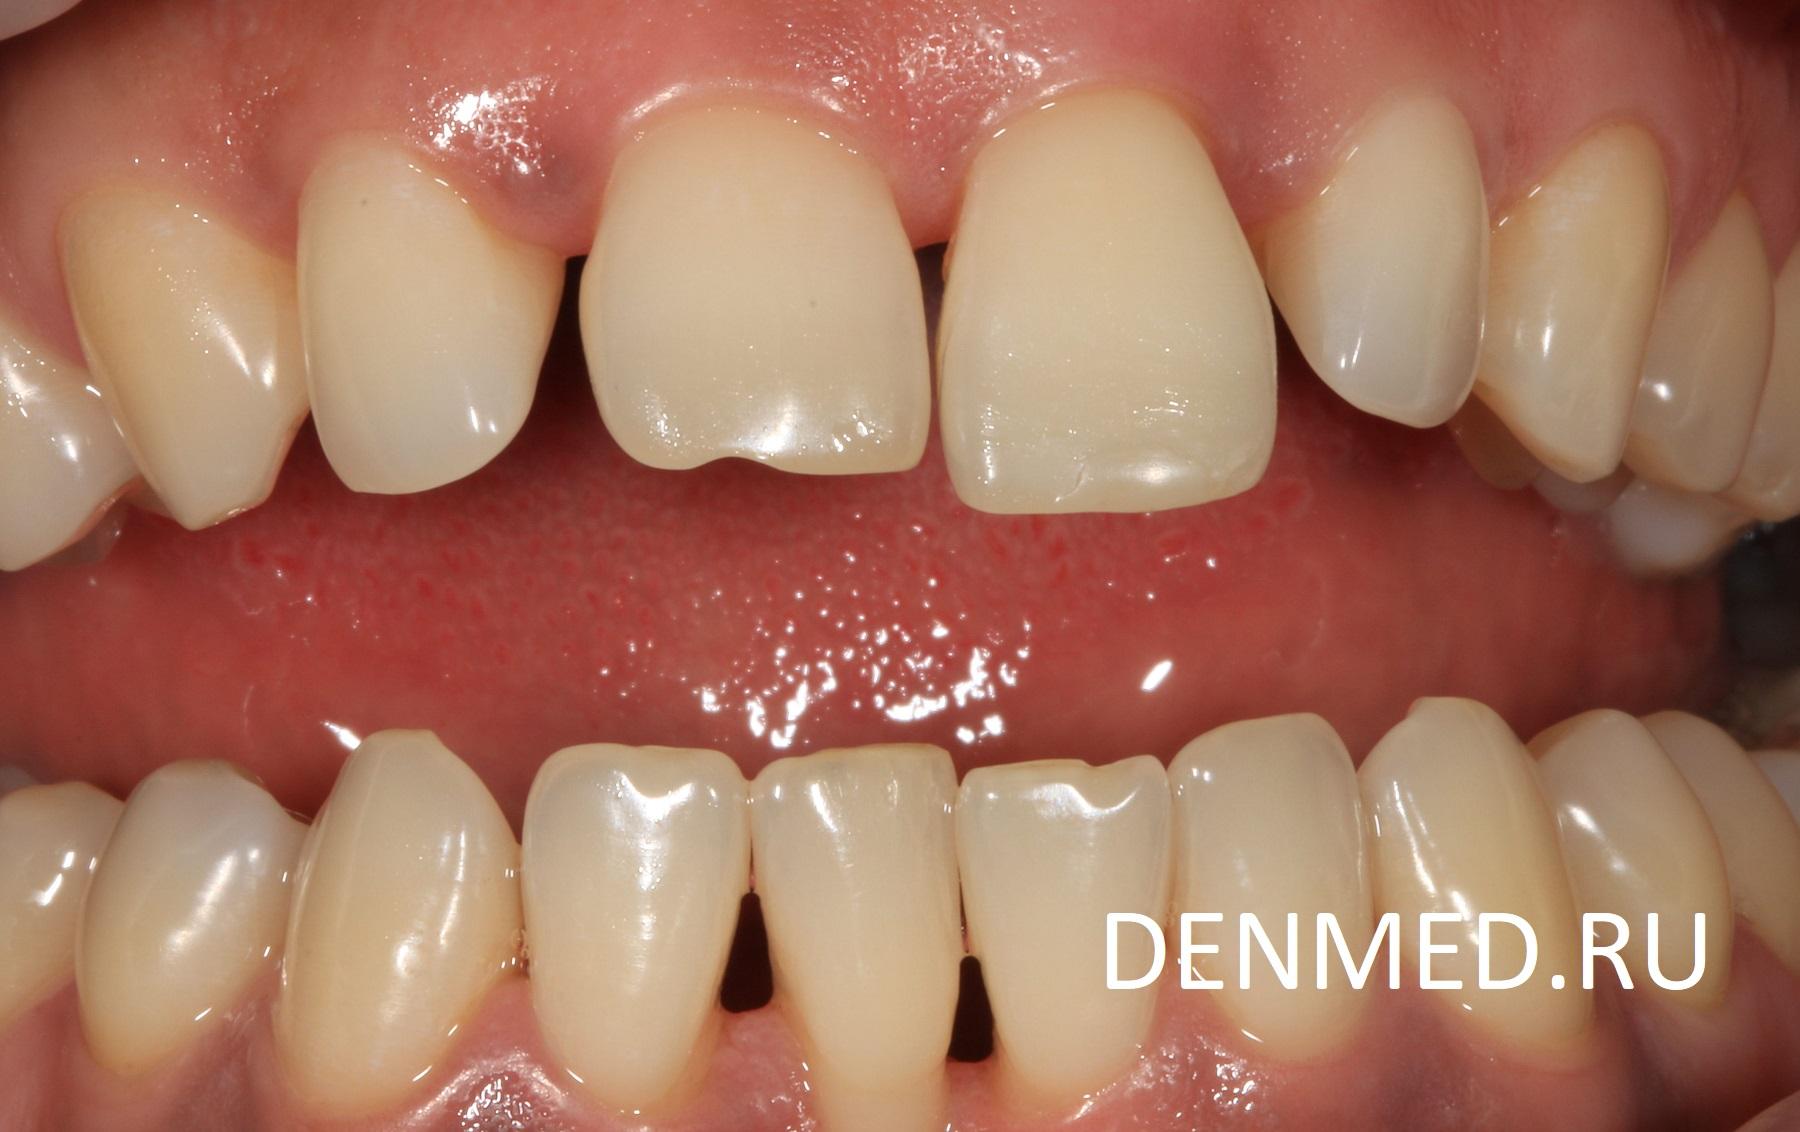 Пациент очень долго жил с таким положением зубов, со щелями между зубами